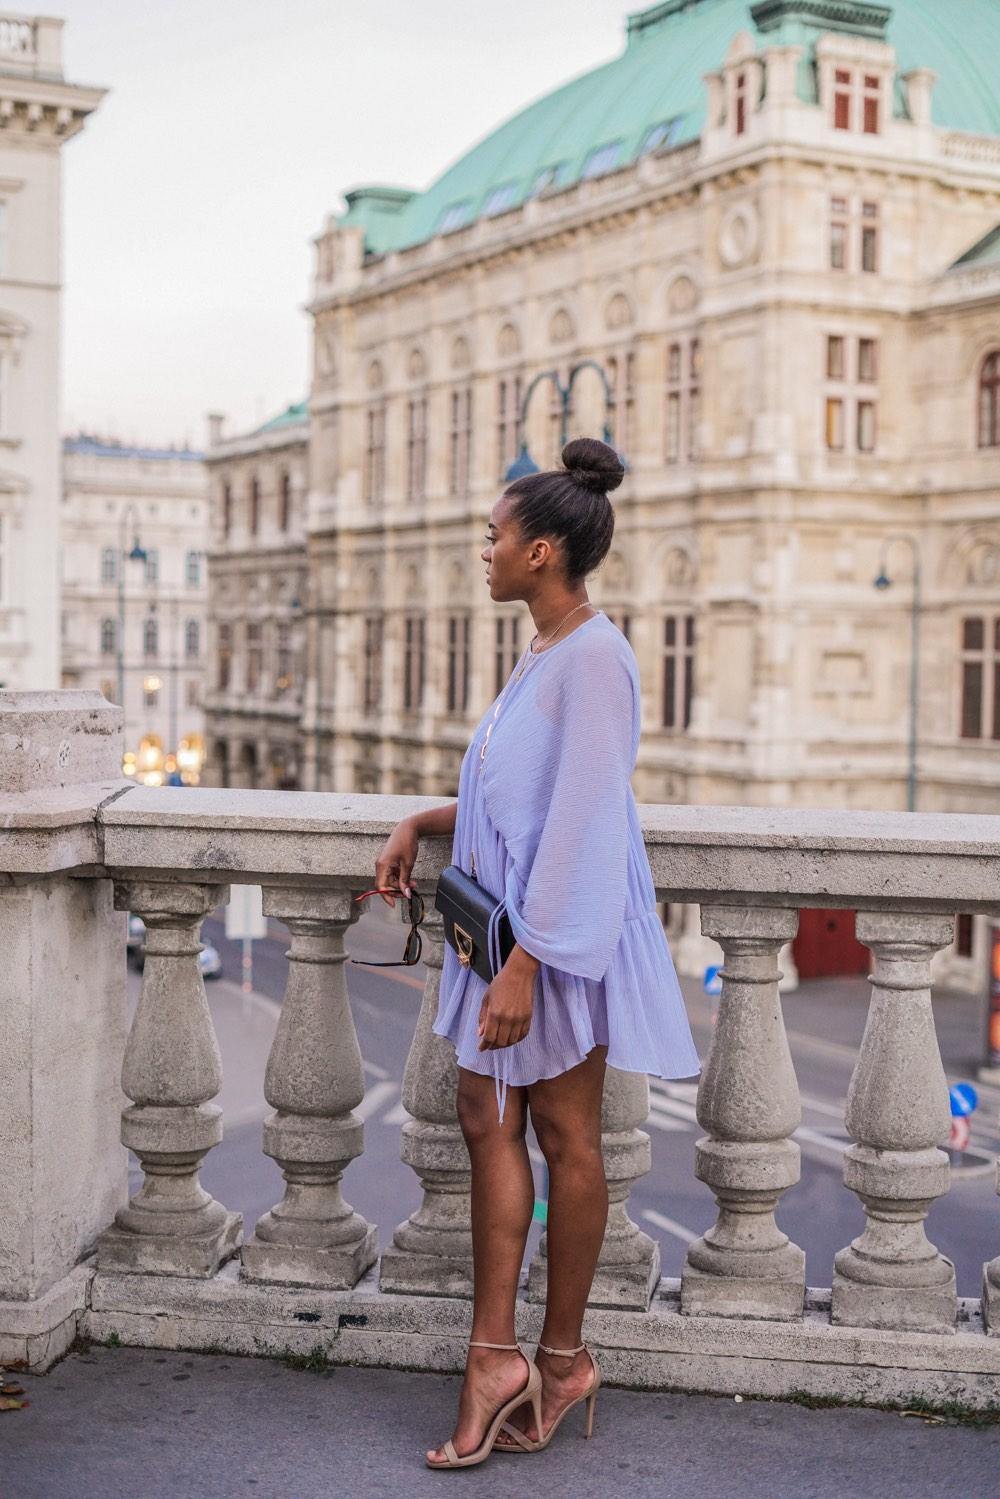 Best Instagram Spots in Vienna